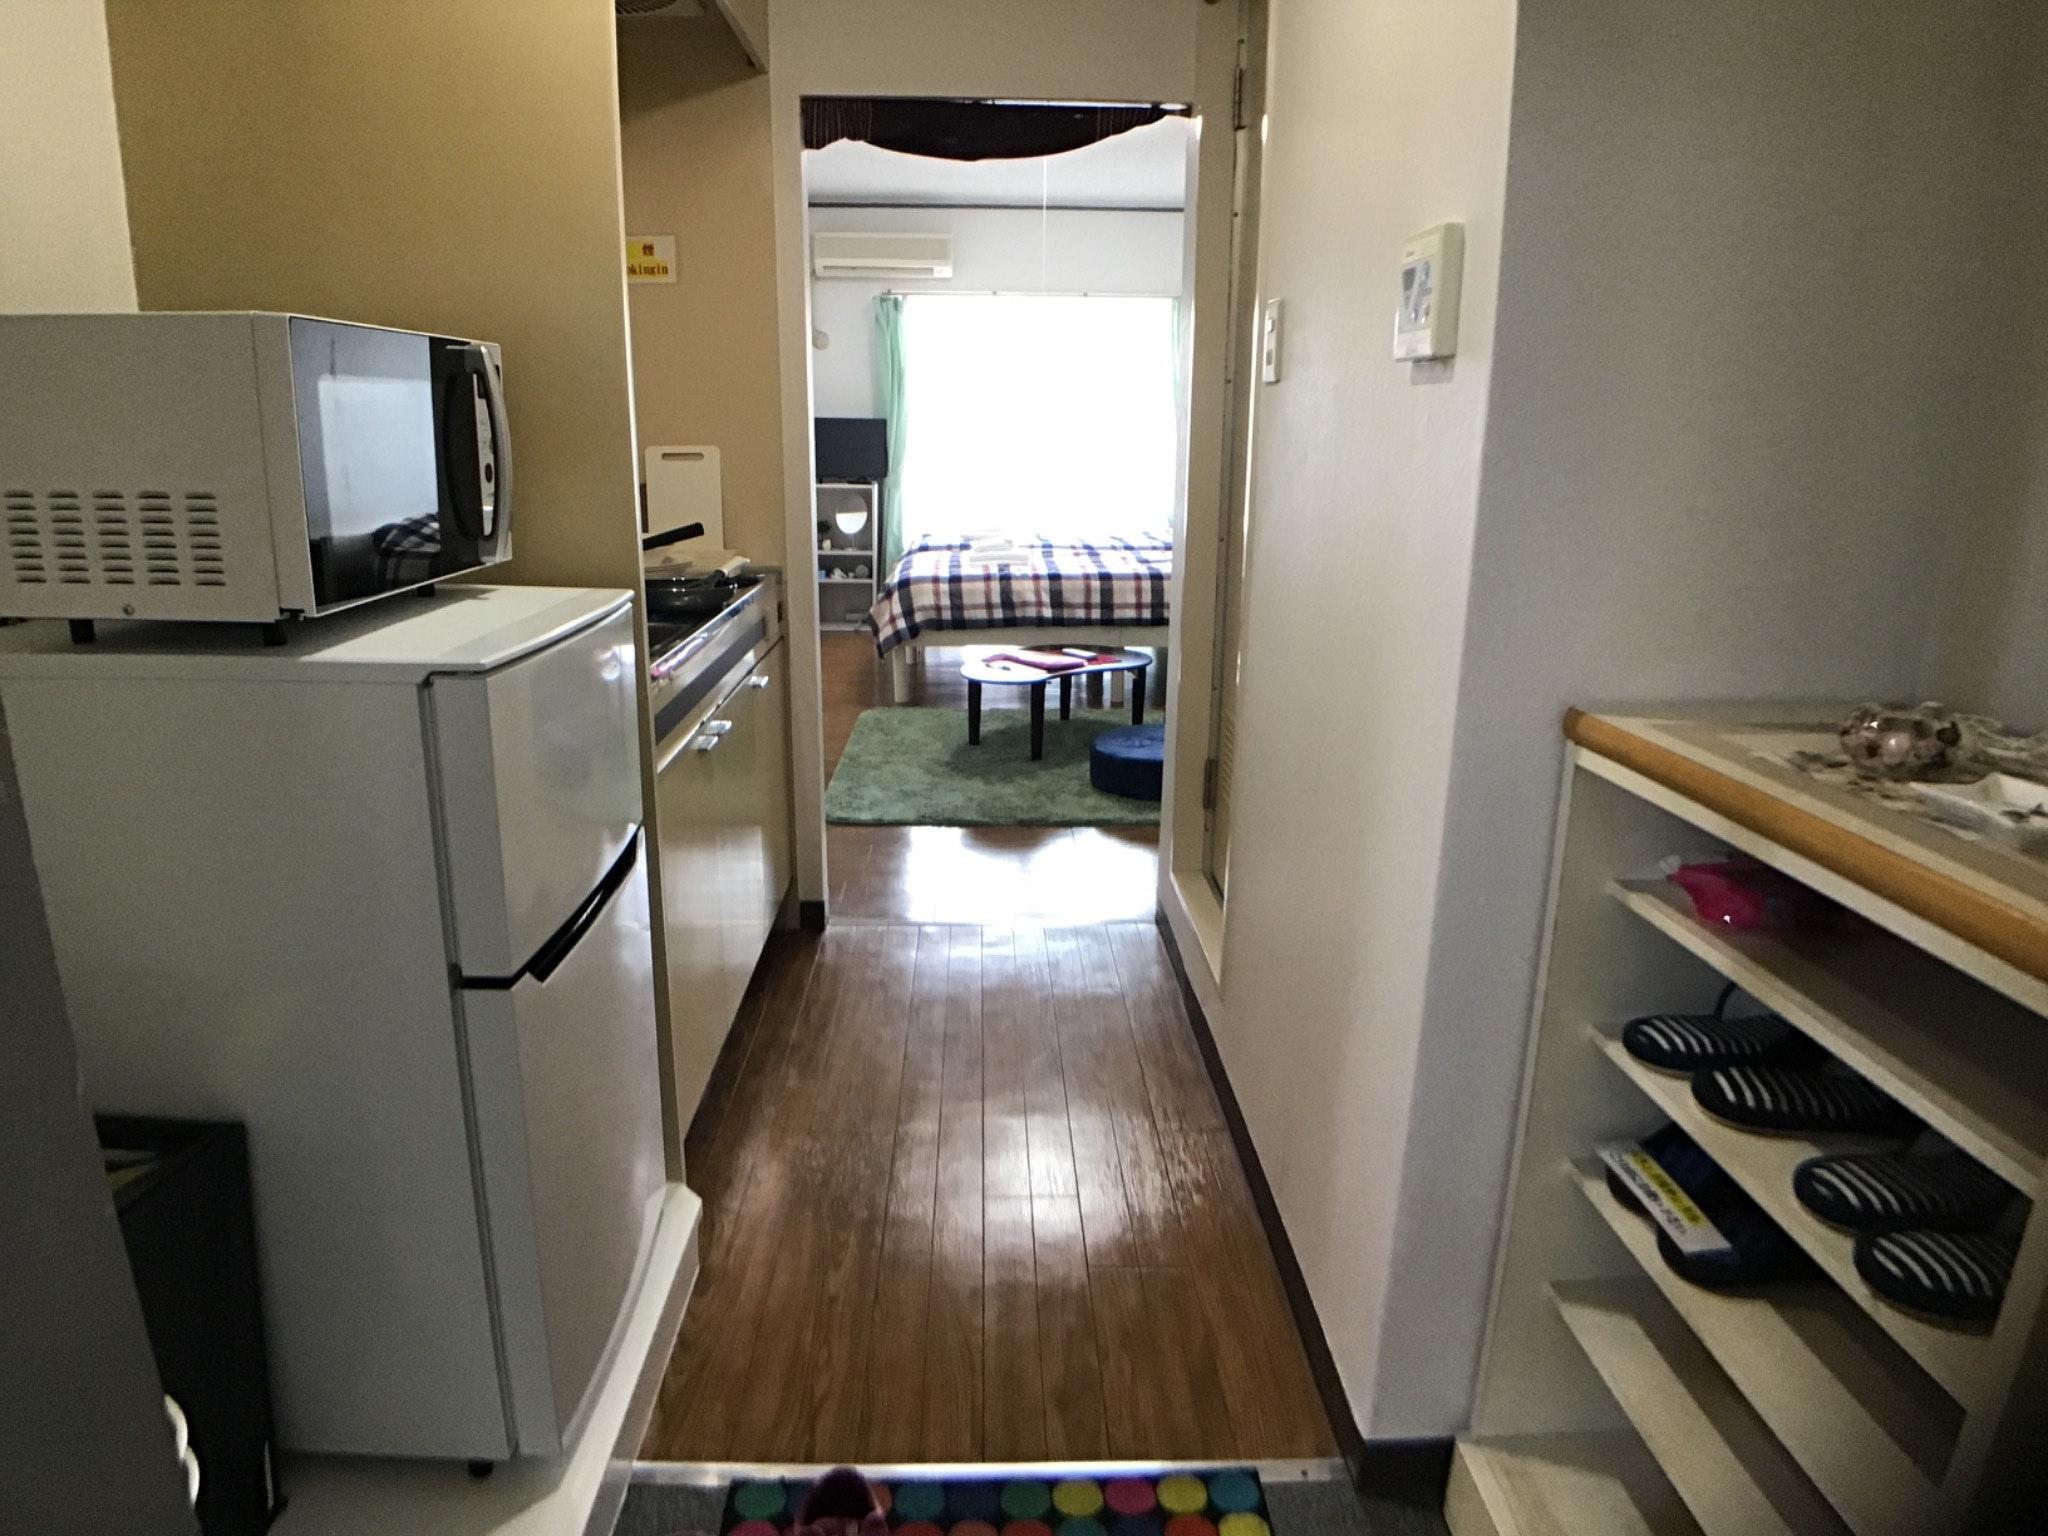 ☆2名様からがお得です!ワンルームマンション貸切・旅行に仕事に静かで安全な宿・ペット可(別料金)です